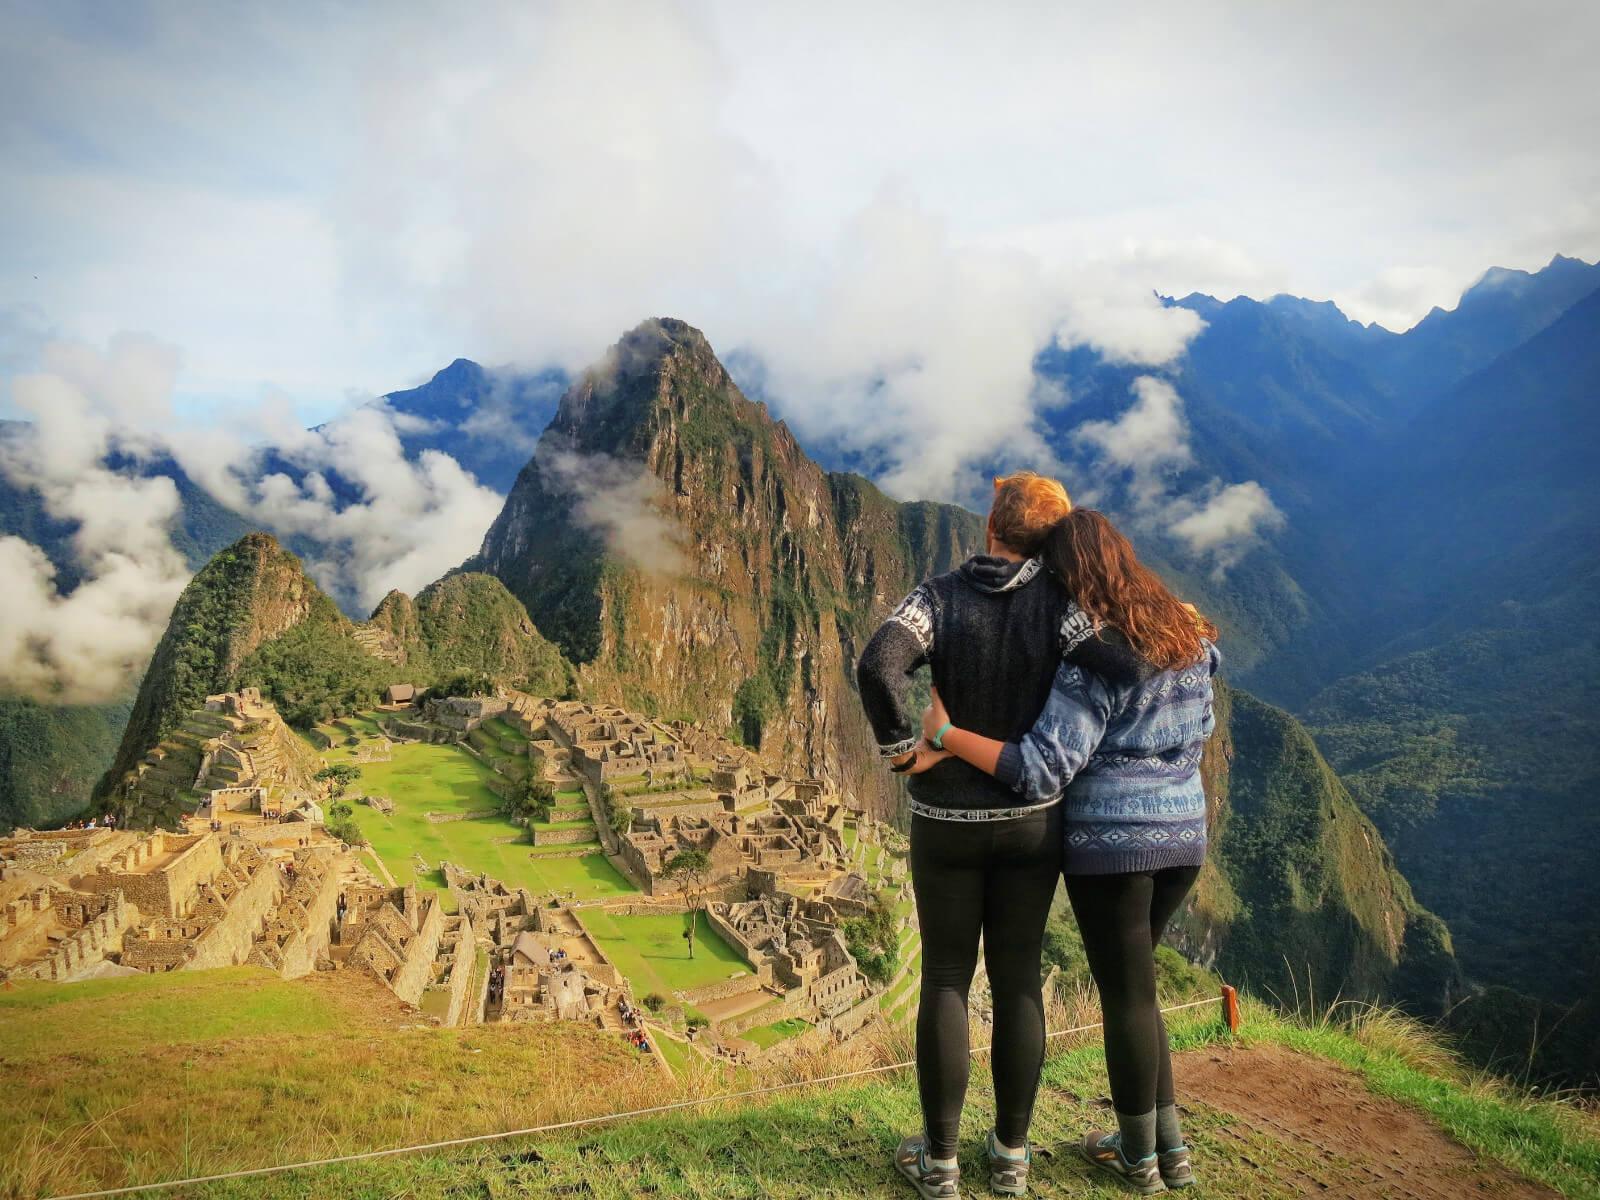 Couple at Machu Picchu, Peru.